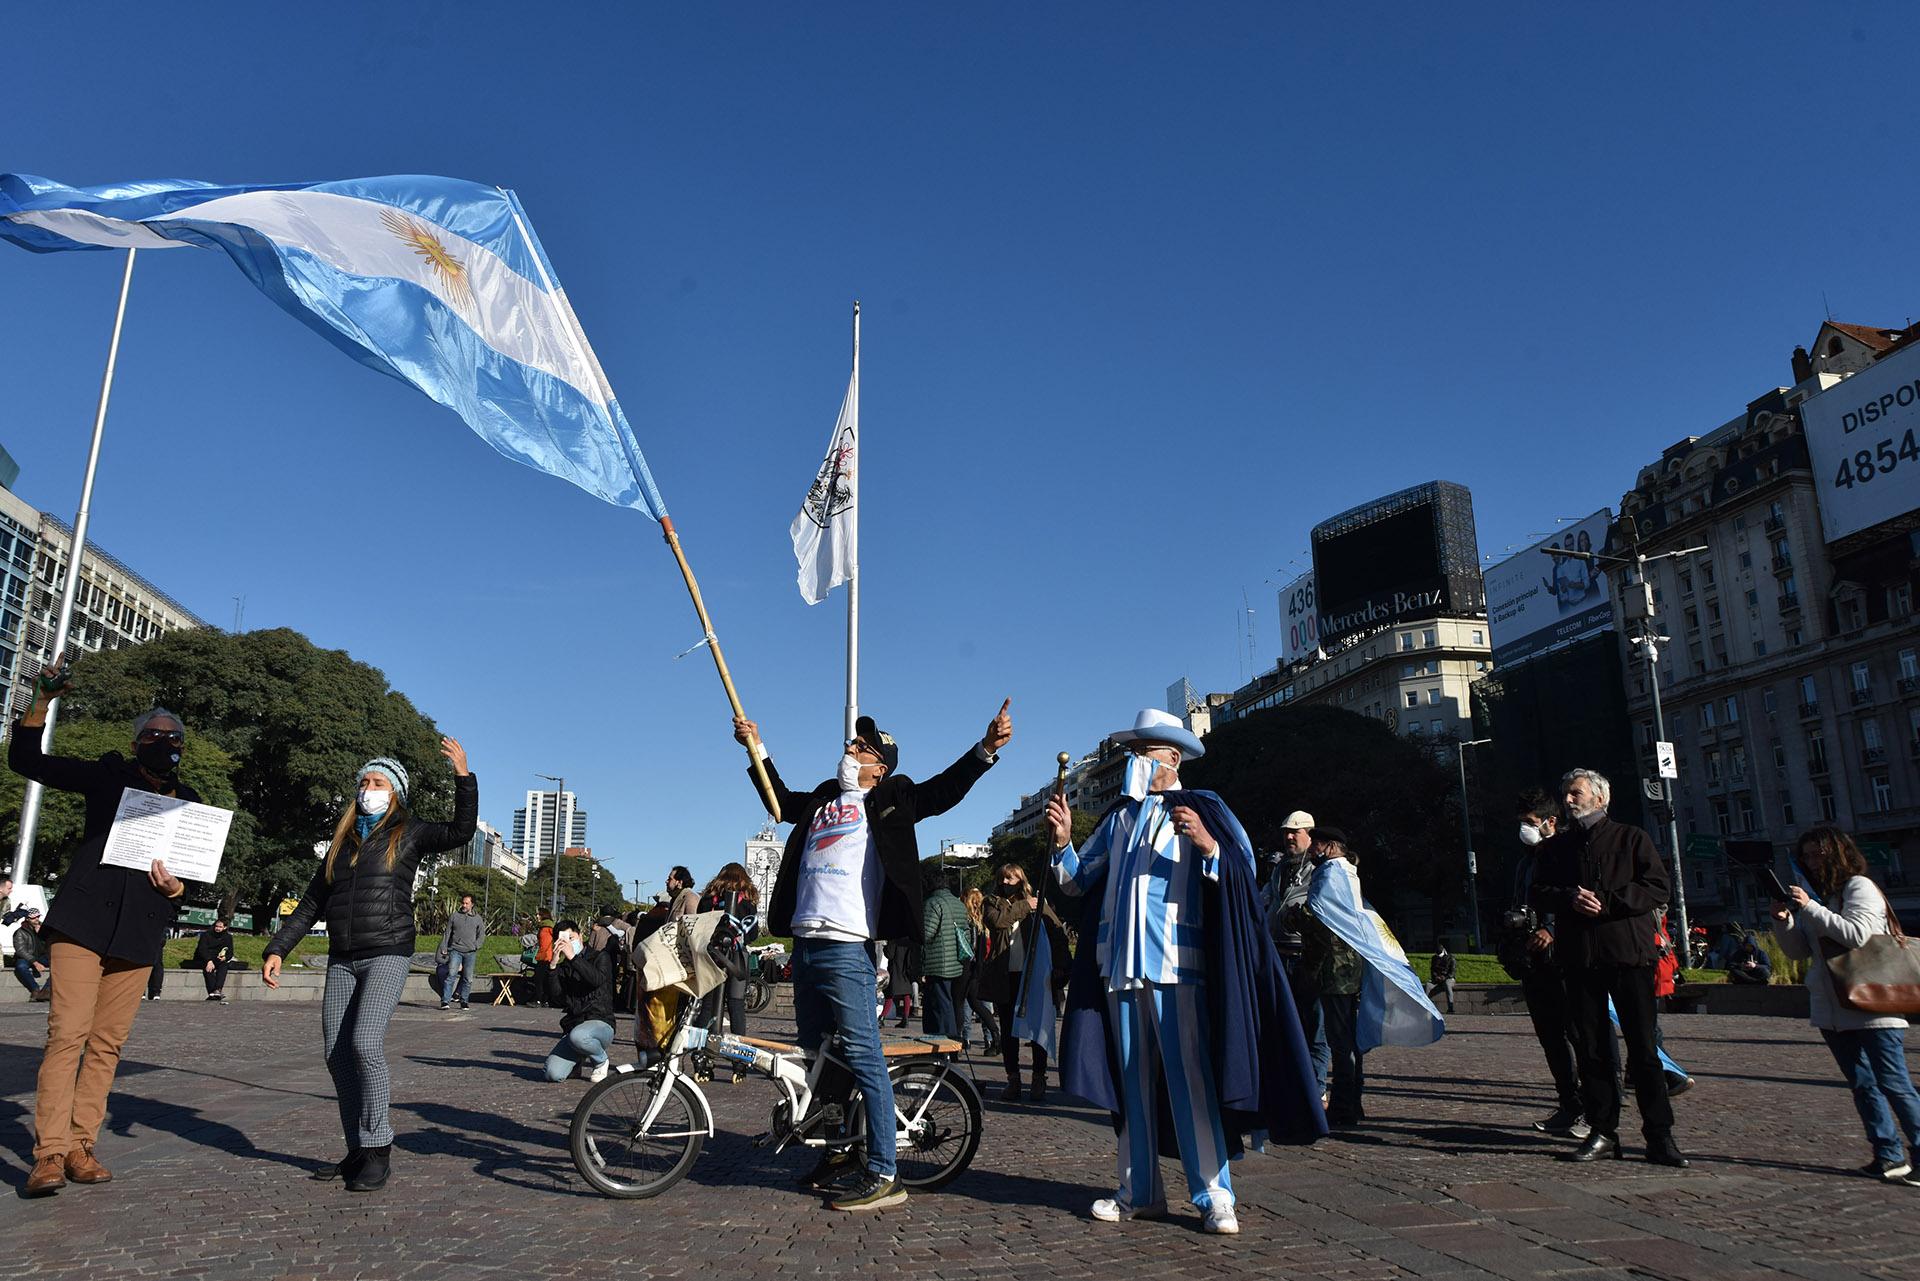 Para el Gobierno, la concentración en el Obelisco rompió con los límites impuestos en la cuarentena